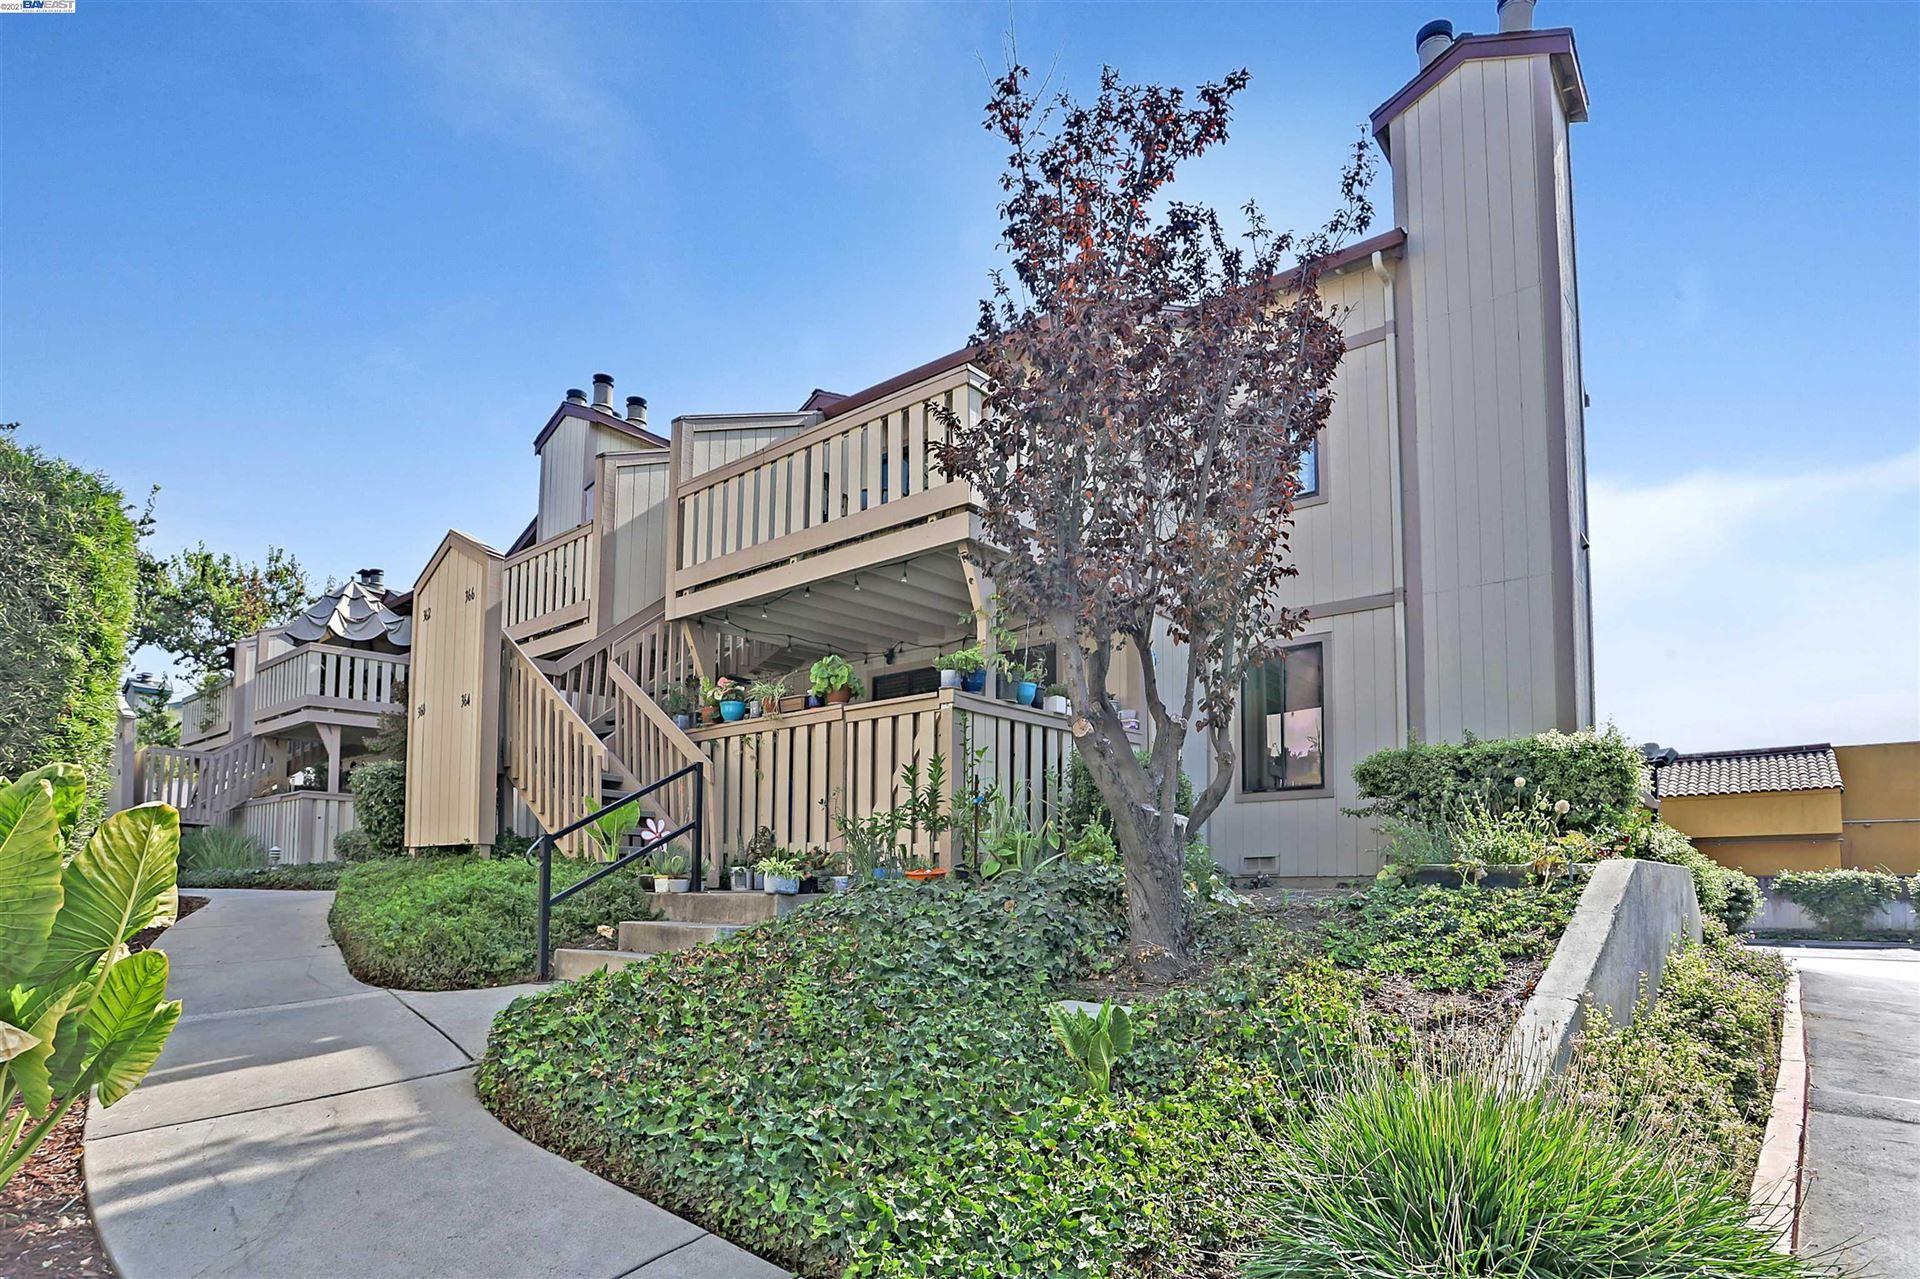 364 Coyote Creek, San Jose, CA 95116 - MLS#: 40969372